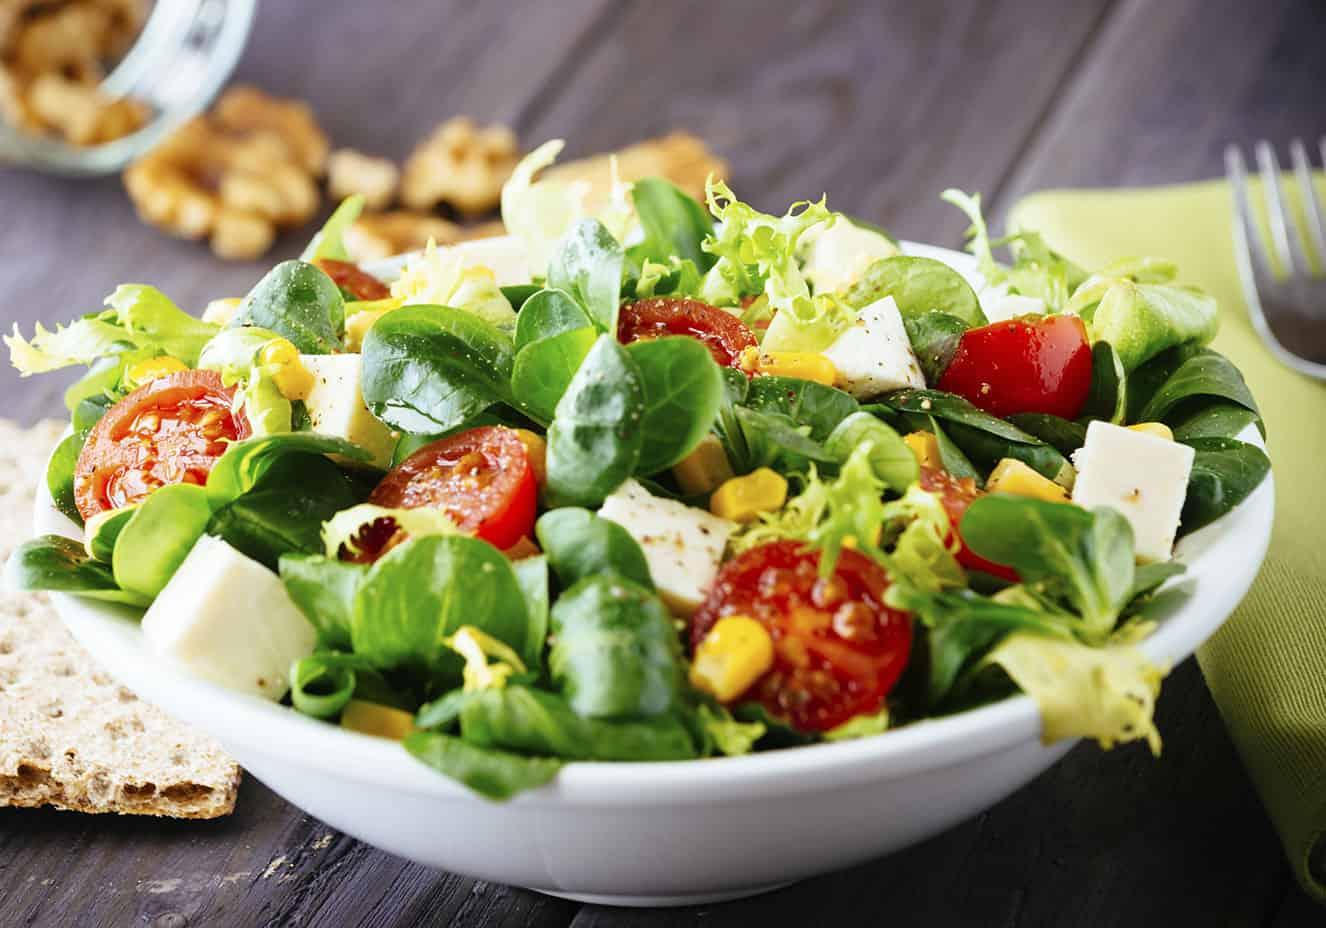 Super saudável: como preparar uma salada perfeita?